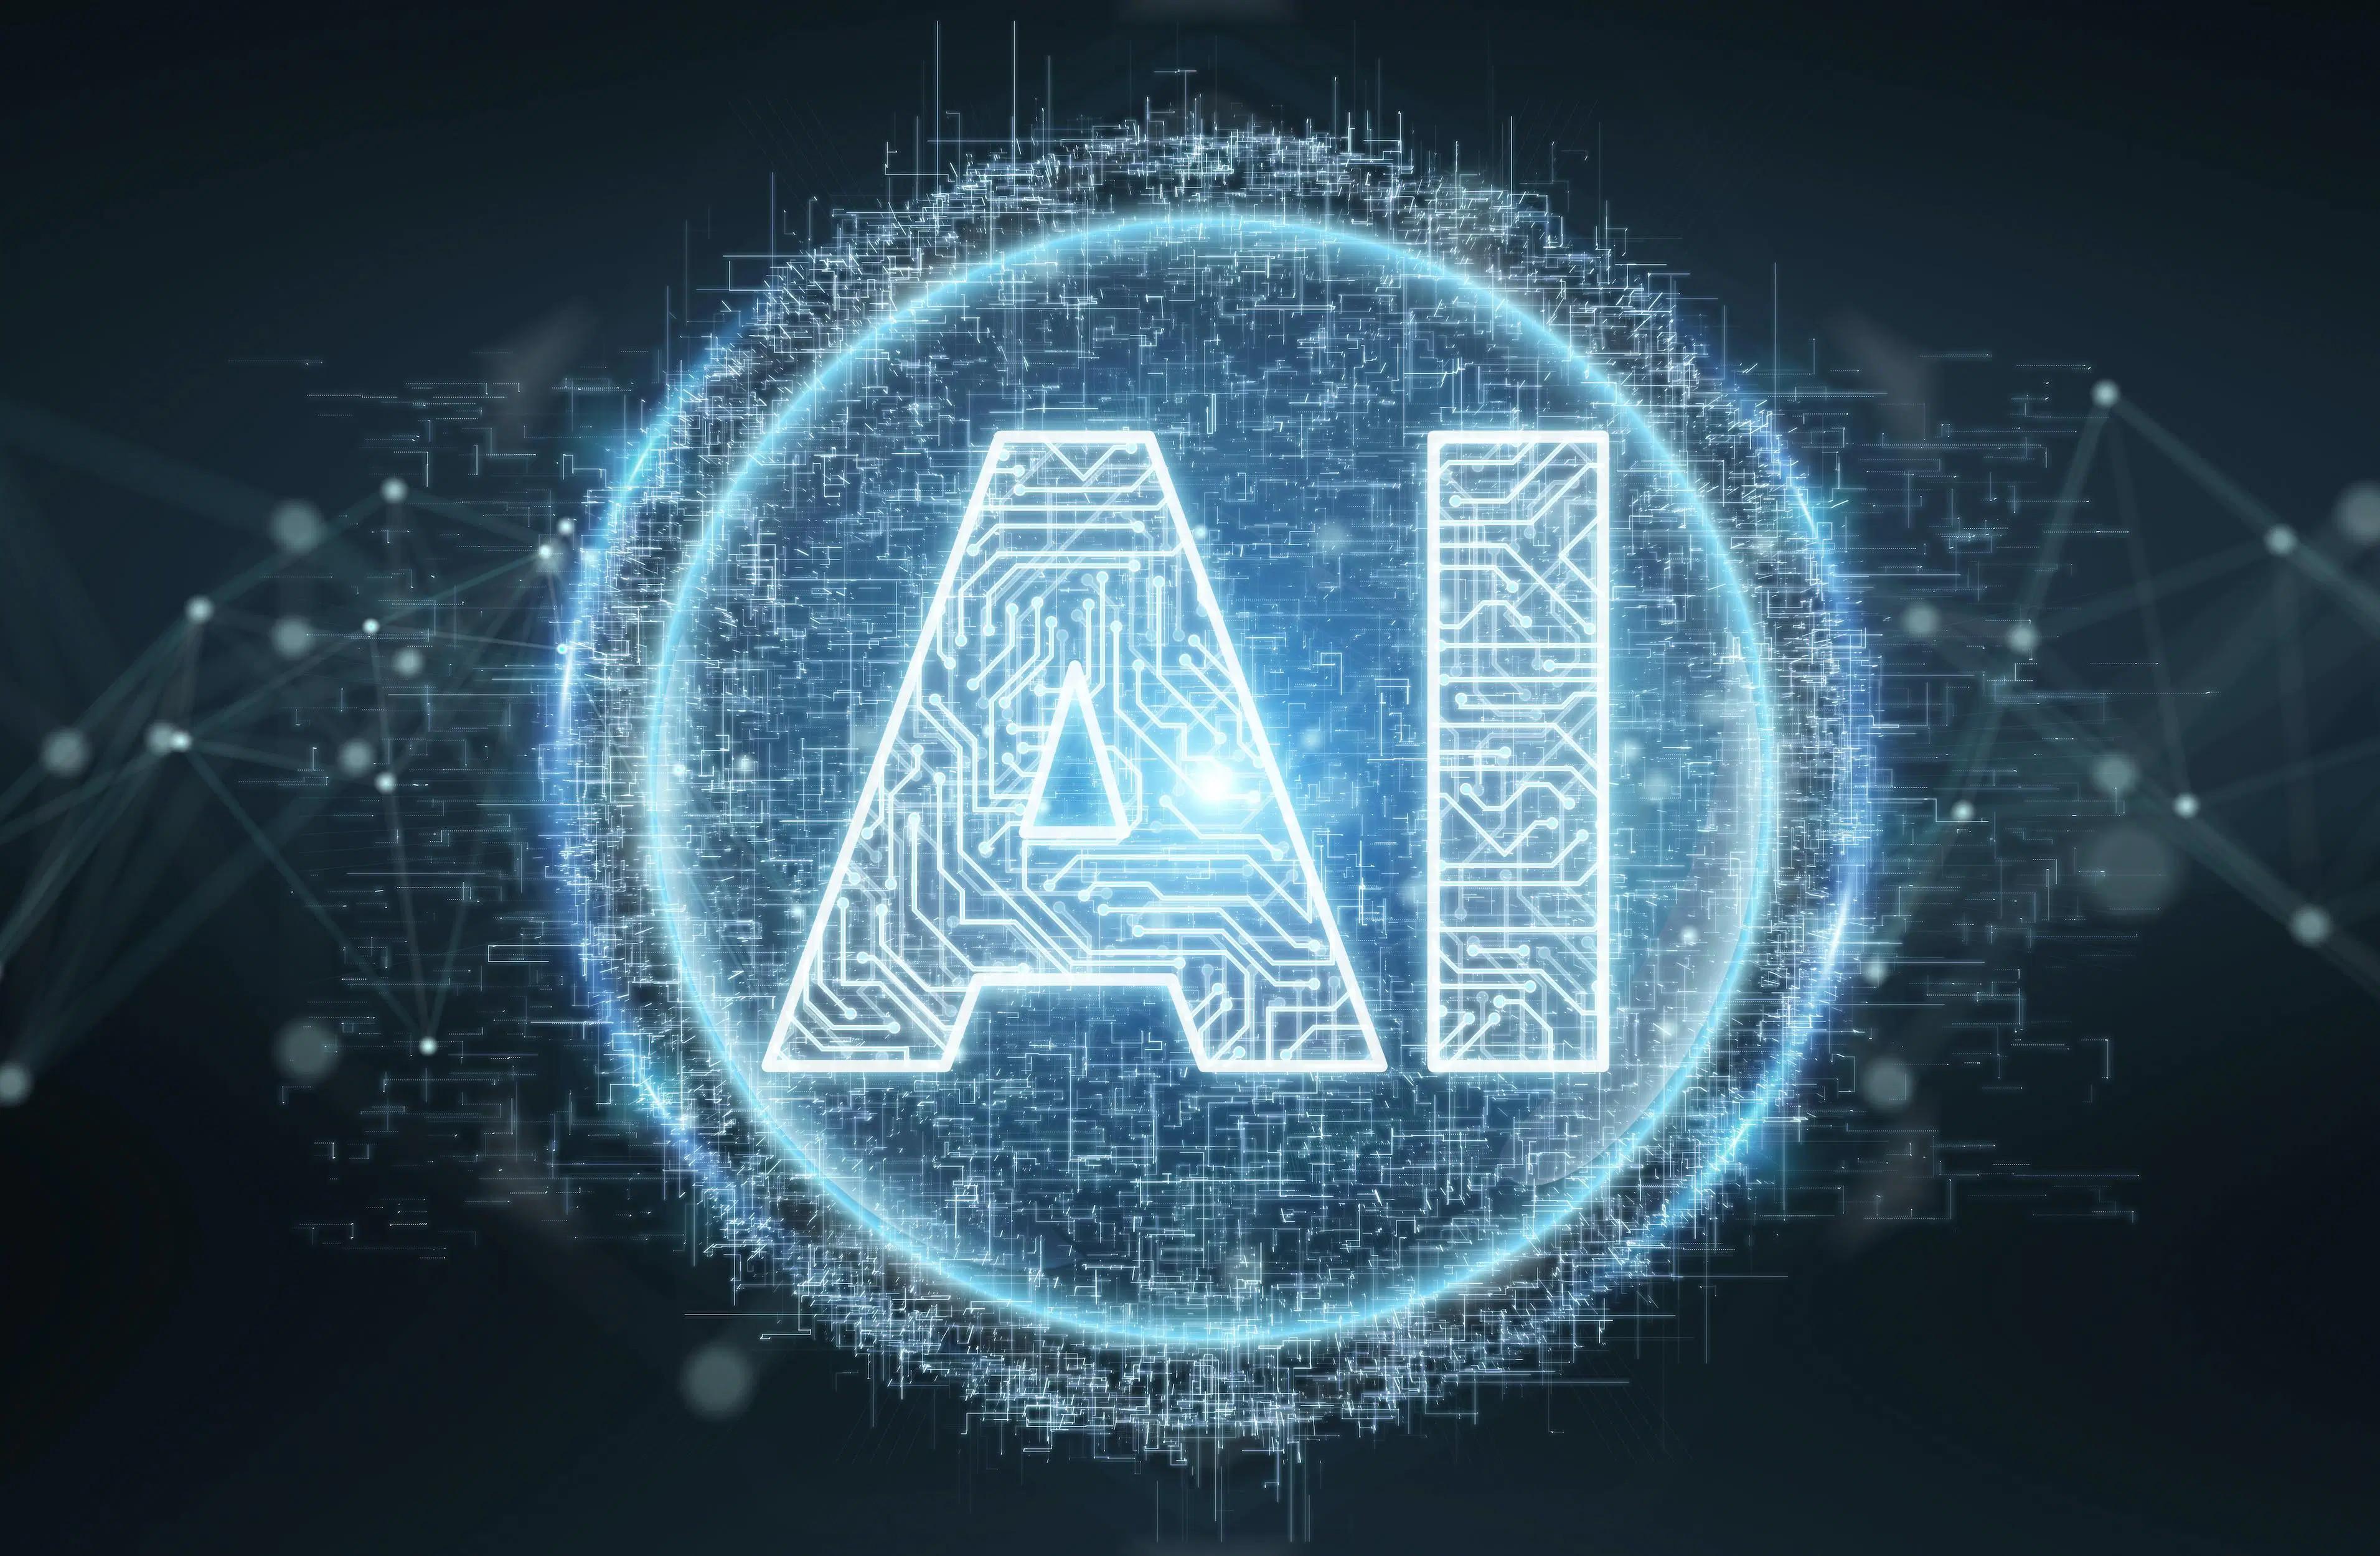 هوش مصنوعی(AI) چیست؟